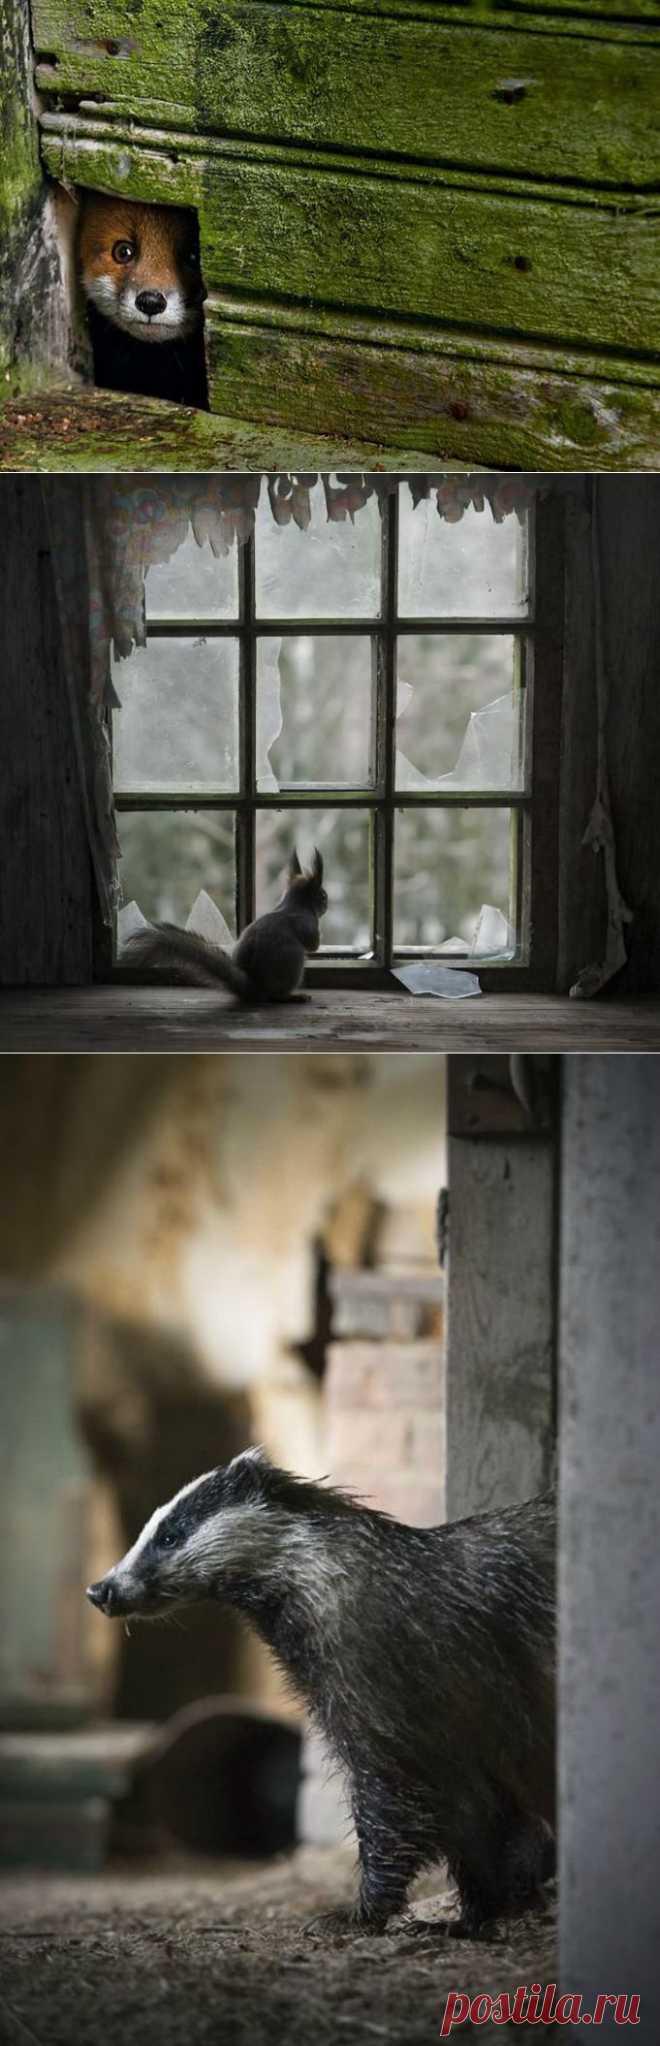 Животные в заброшенных домах (23 фото) - Fishki.Net | Остальные Картинки